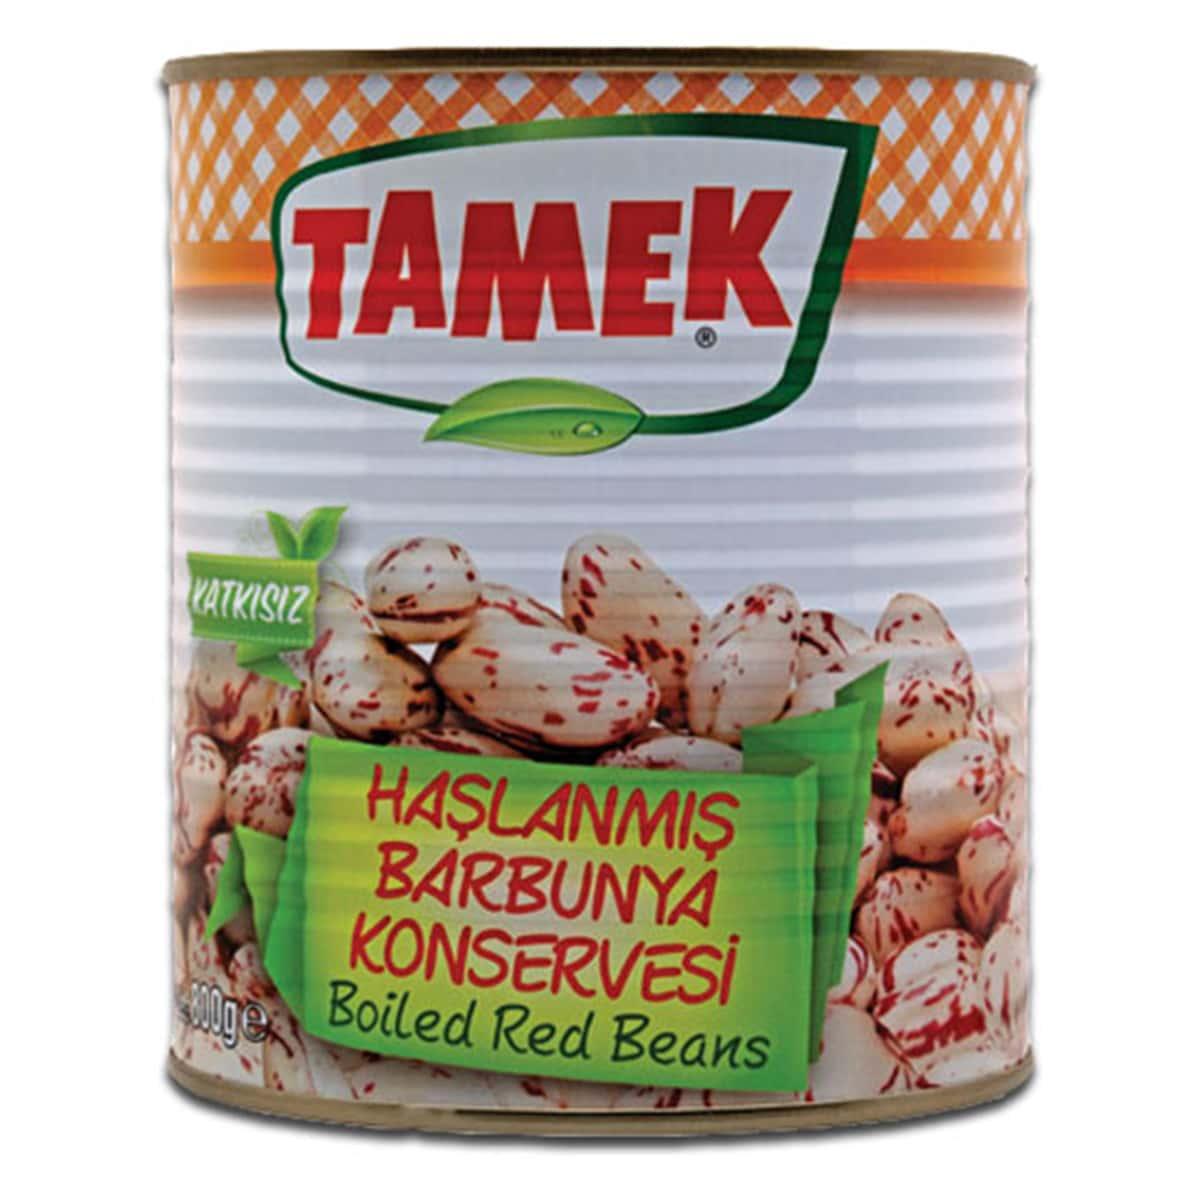 Buy Tamek Boiled Red Beans (Haslanmis Barbunya Konservesi) - 800 gm